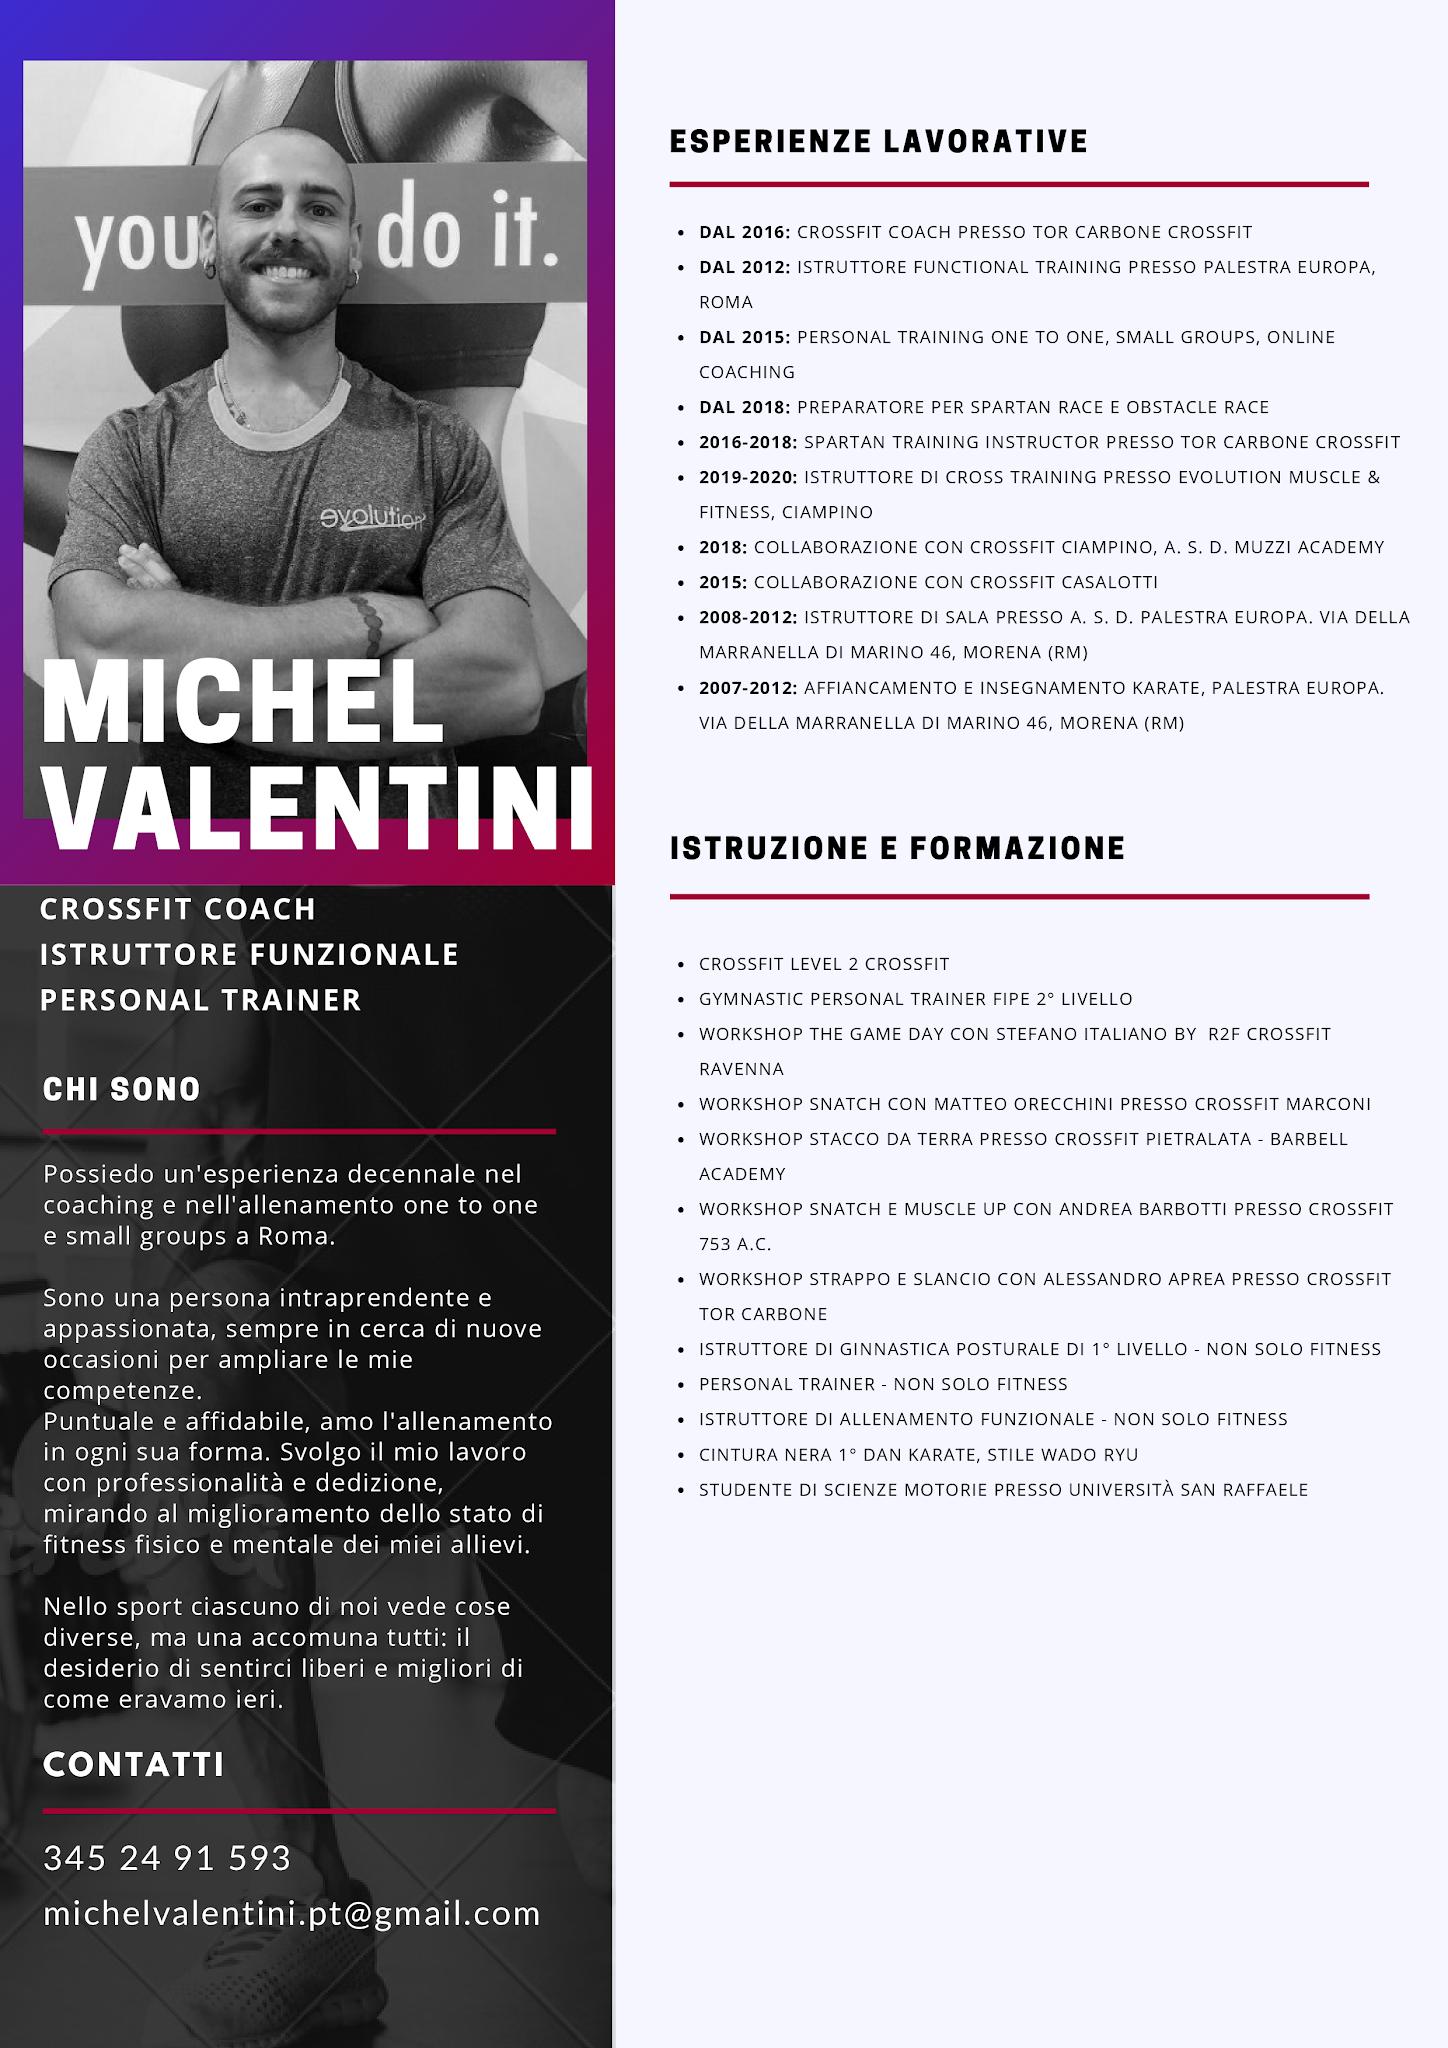 Michel Valentini CrossFit Coach, Istruttore funzionale e Personal Trainer online e a domicilio a Roma